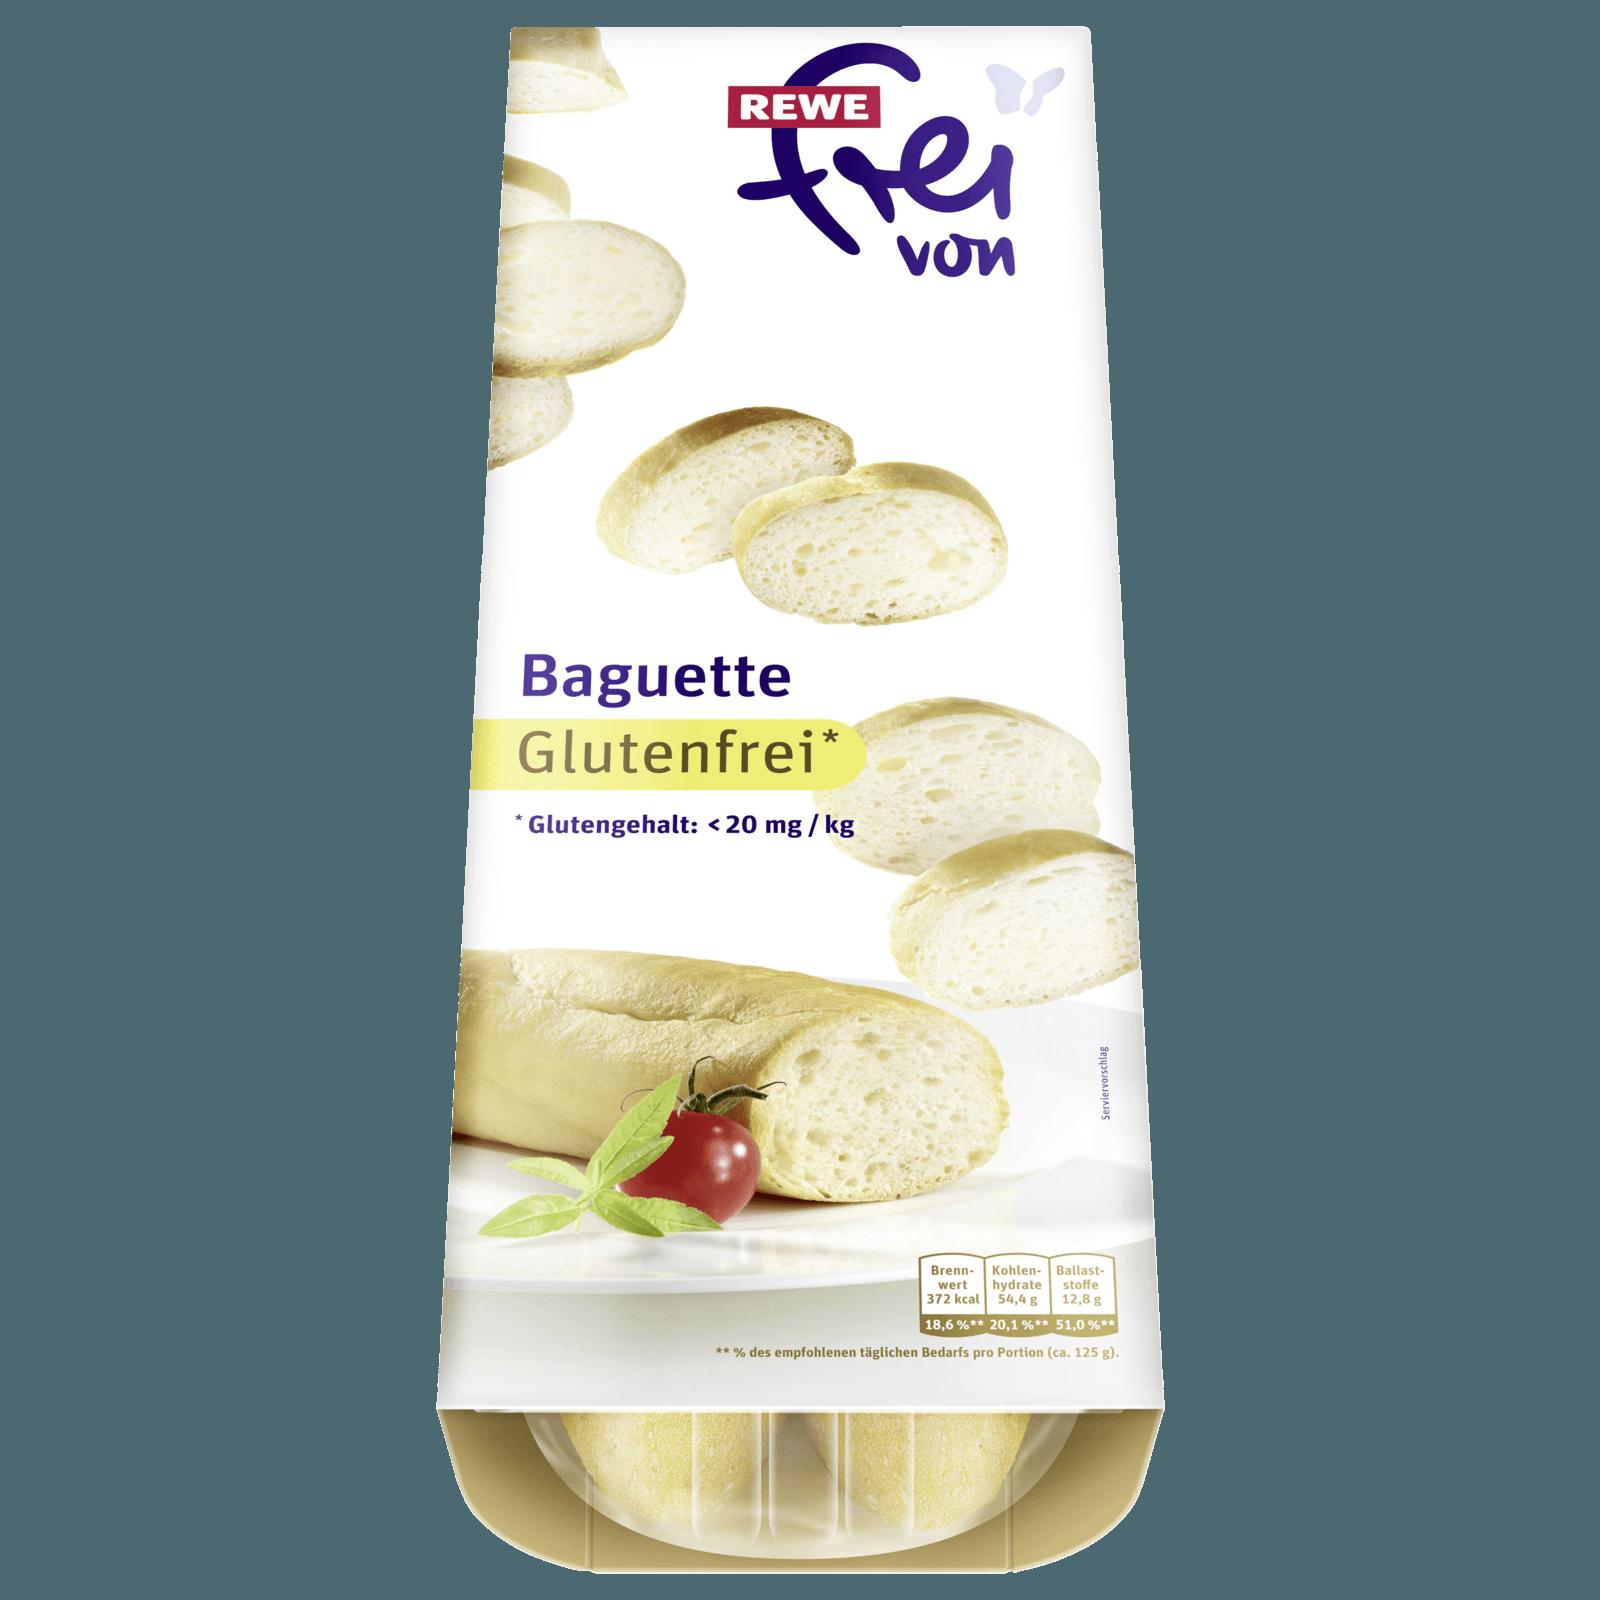 REWE Frei von Baguette glutenfrei 250g